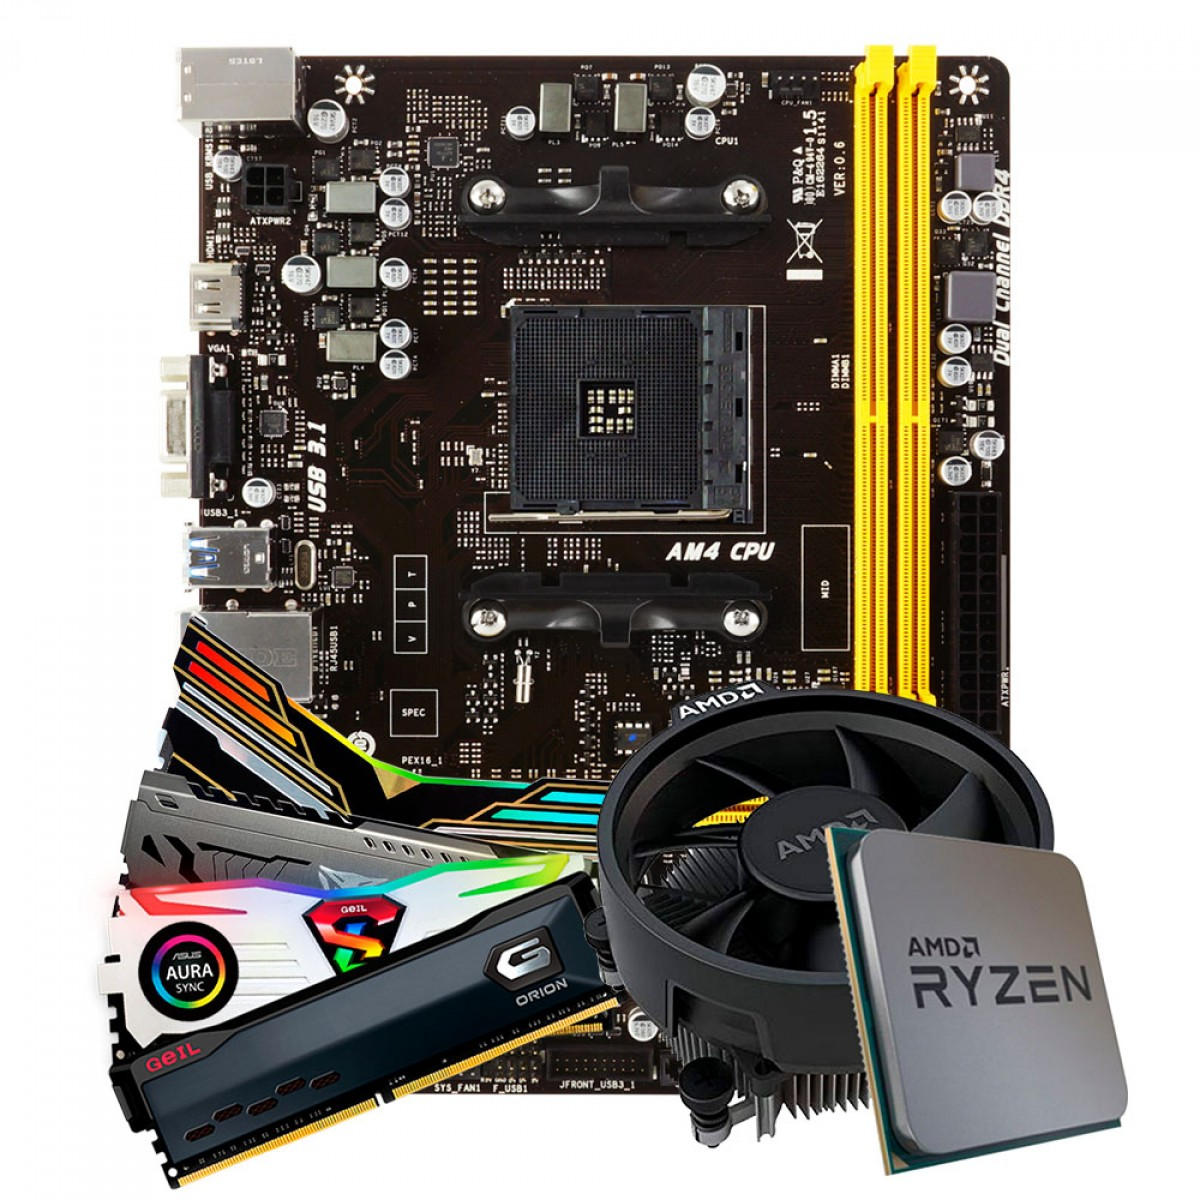 Kit Upgrade Placa Mãe Biostar A320MH DDR4 AMD AM4 + Processador AMD Ryzen 5 3500 4.1GHz + Memória DDR4 8GB 3000MHz